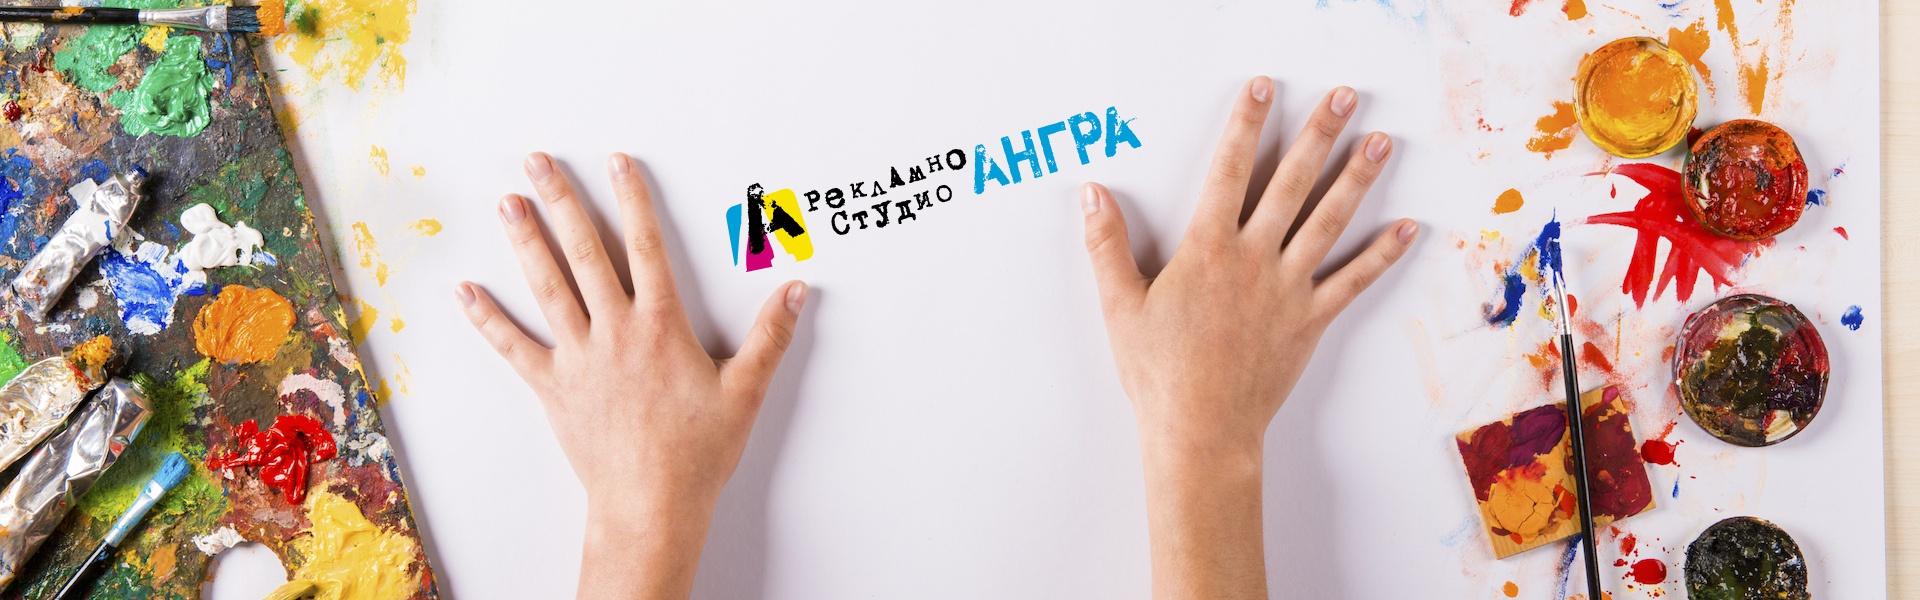 Снимка с ръце и лого